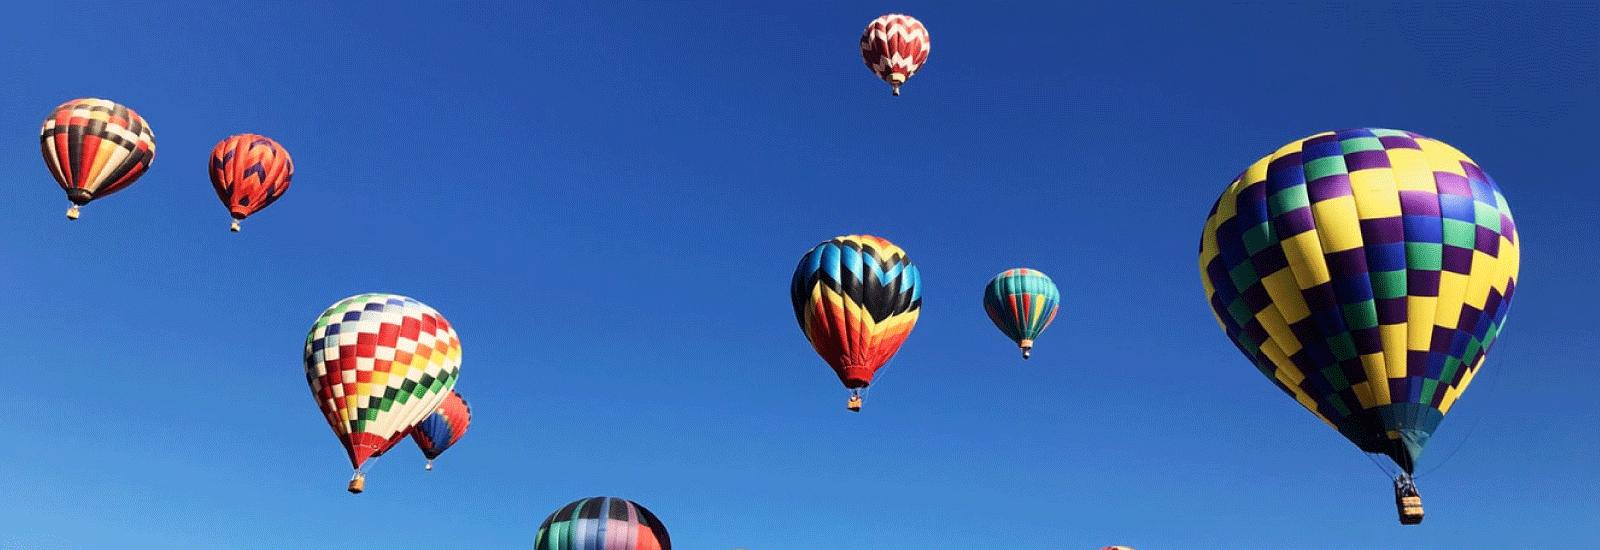 Rainbow Ryders Hot Air Balloon Co., Colorado Springs, CO